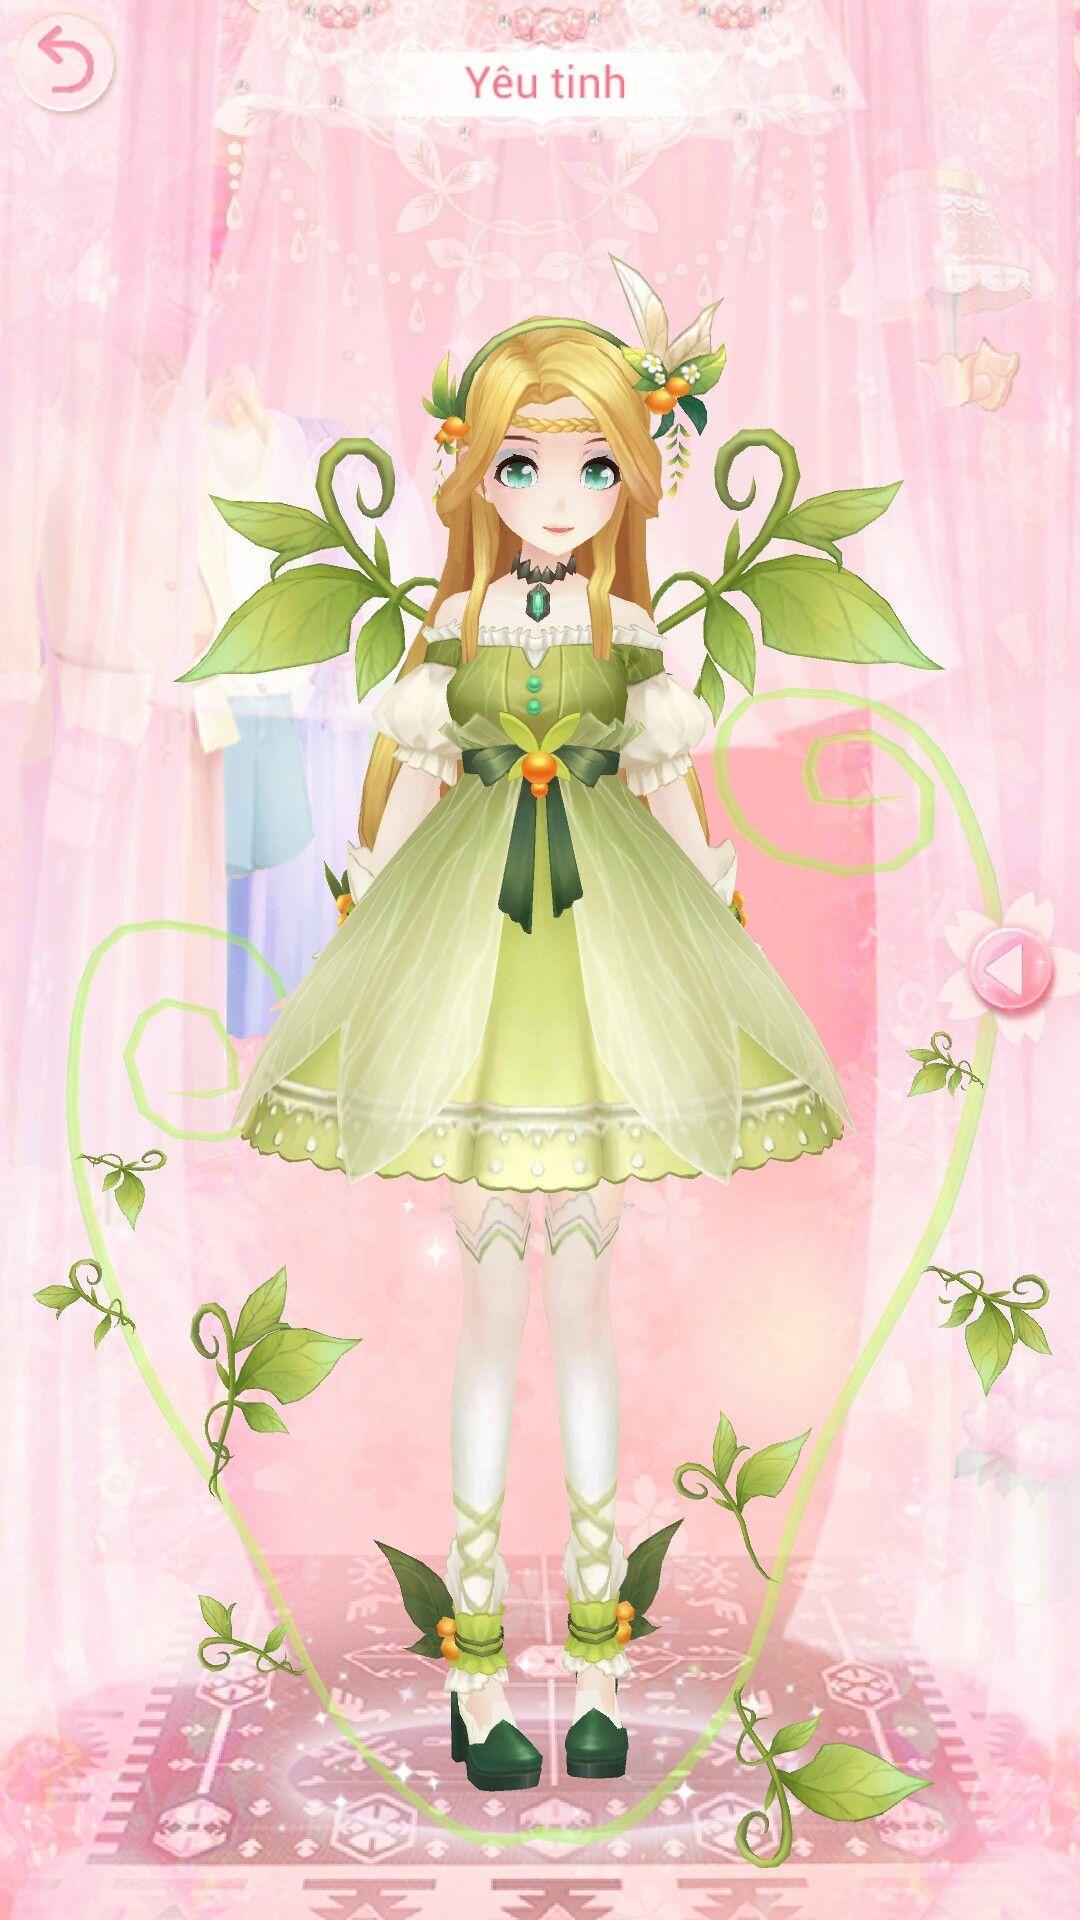 Game Học viện thời trang Alice 3D - Yêu tinh